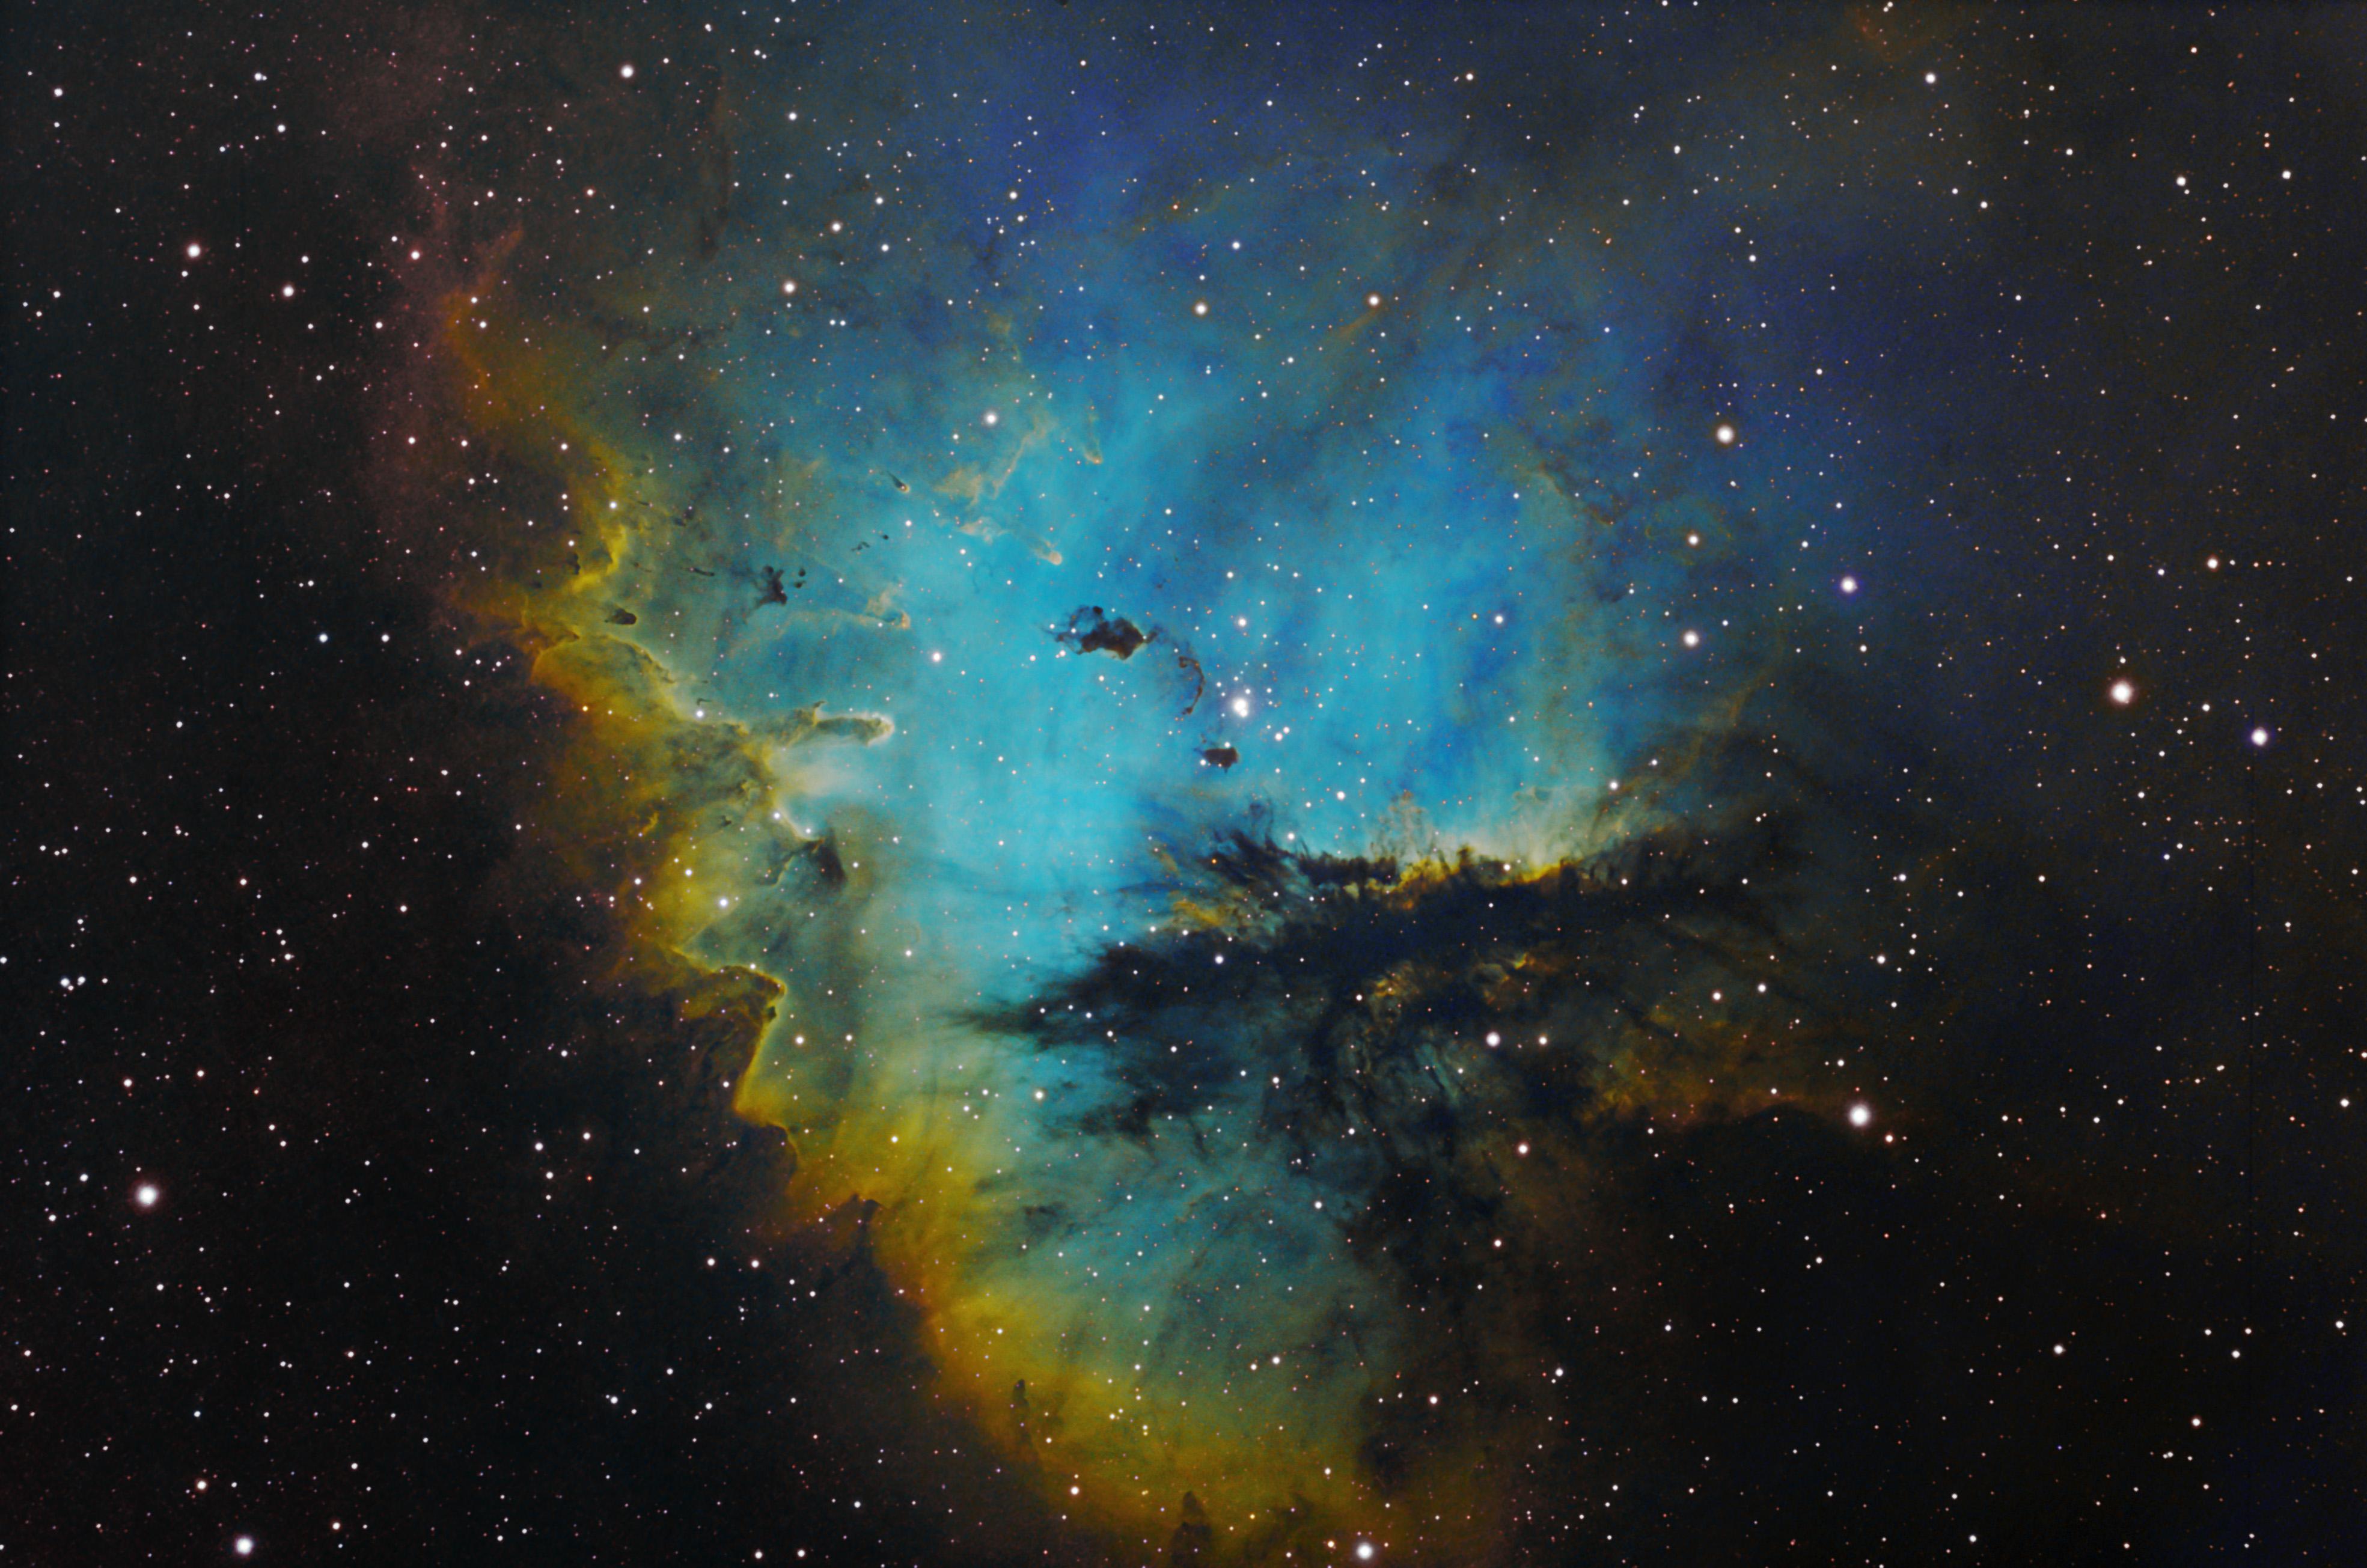 pacman nebula - photo #24